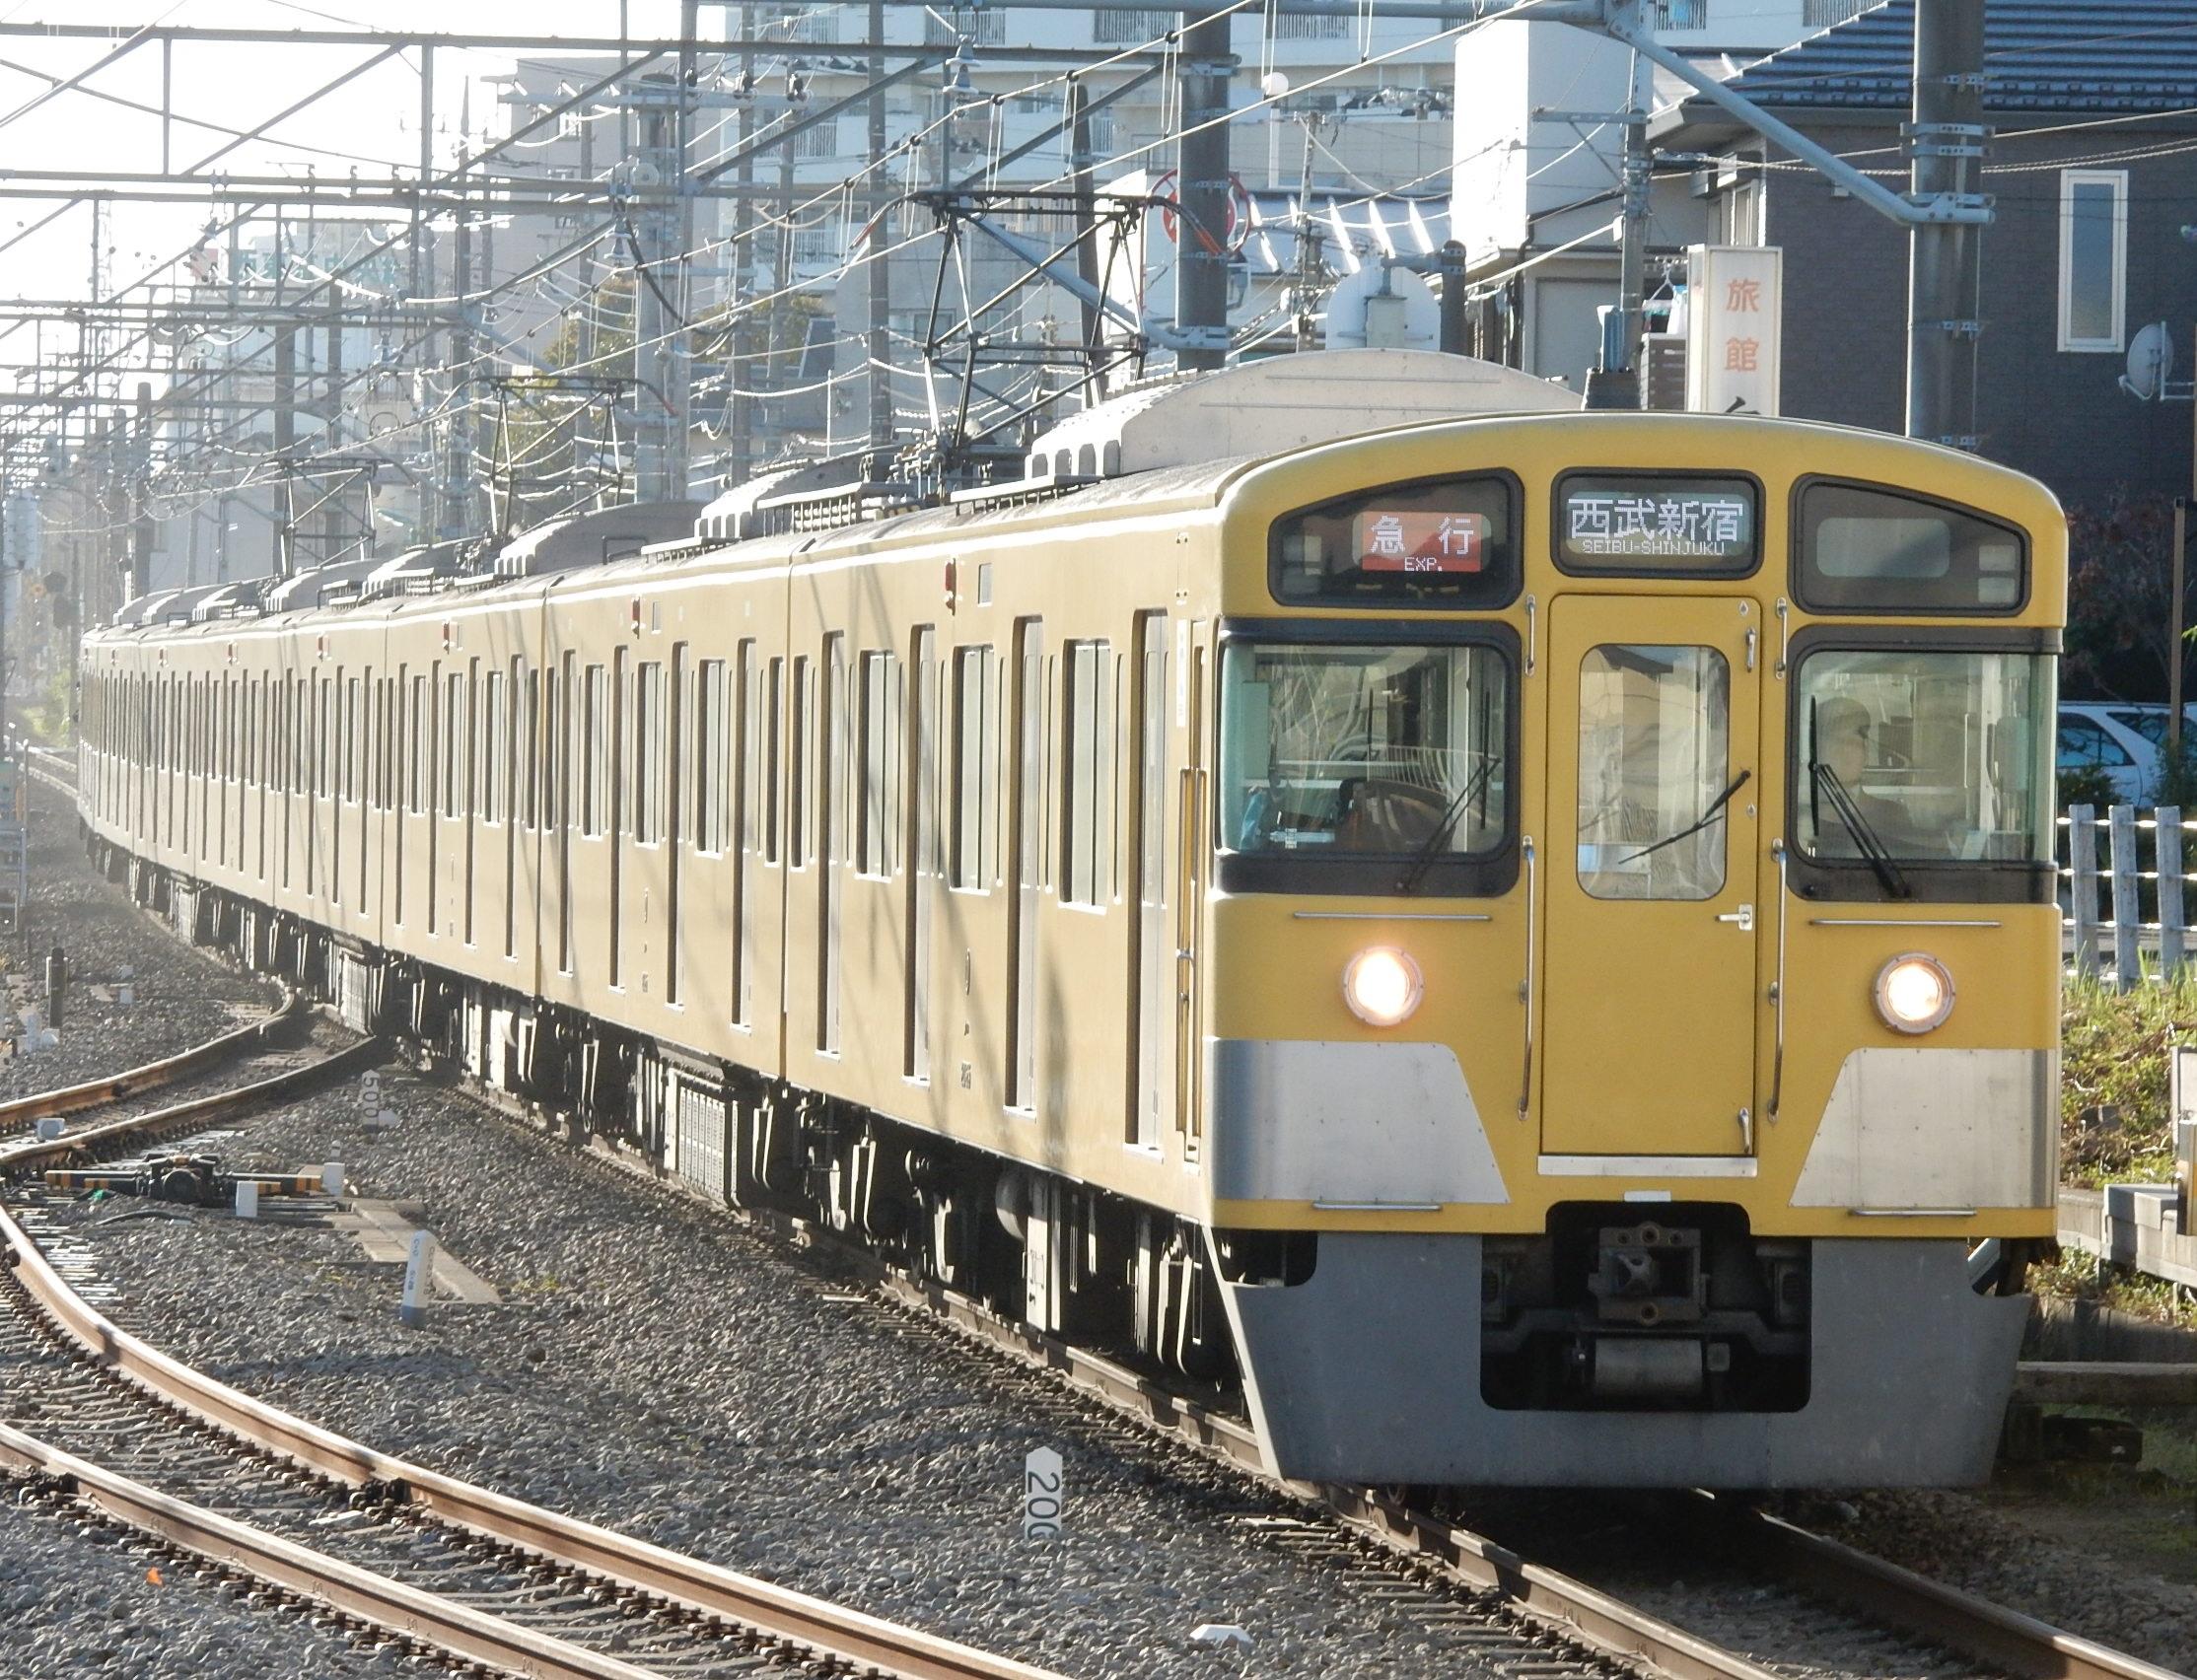 DSCN7150.jpg